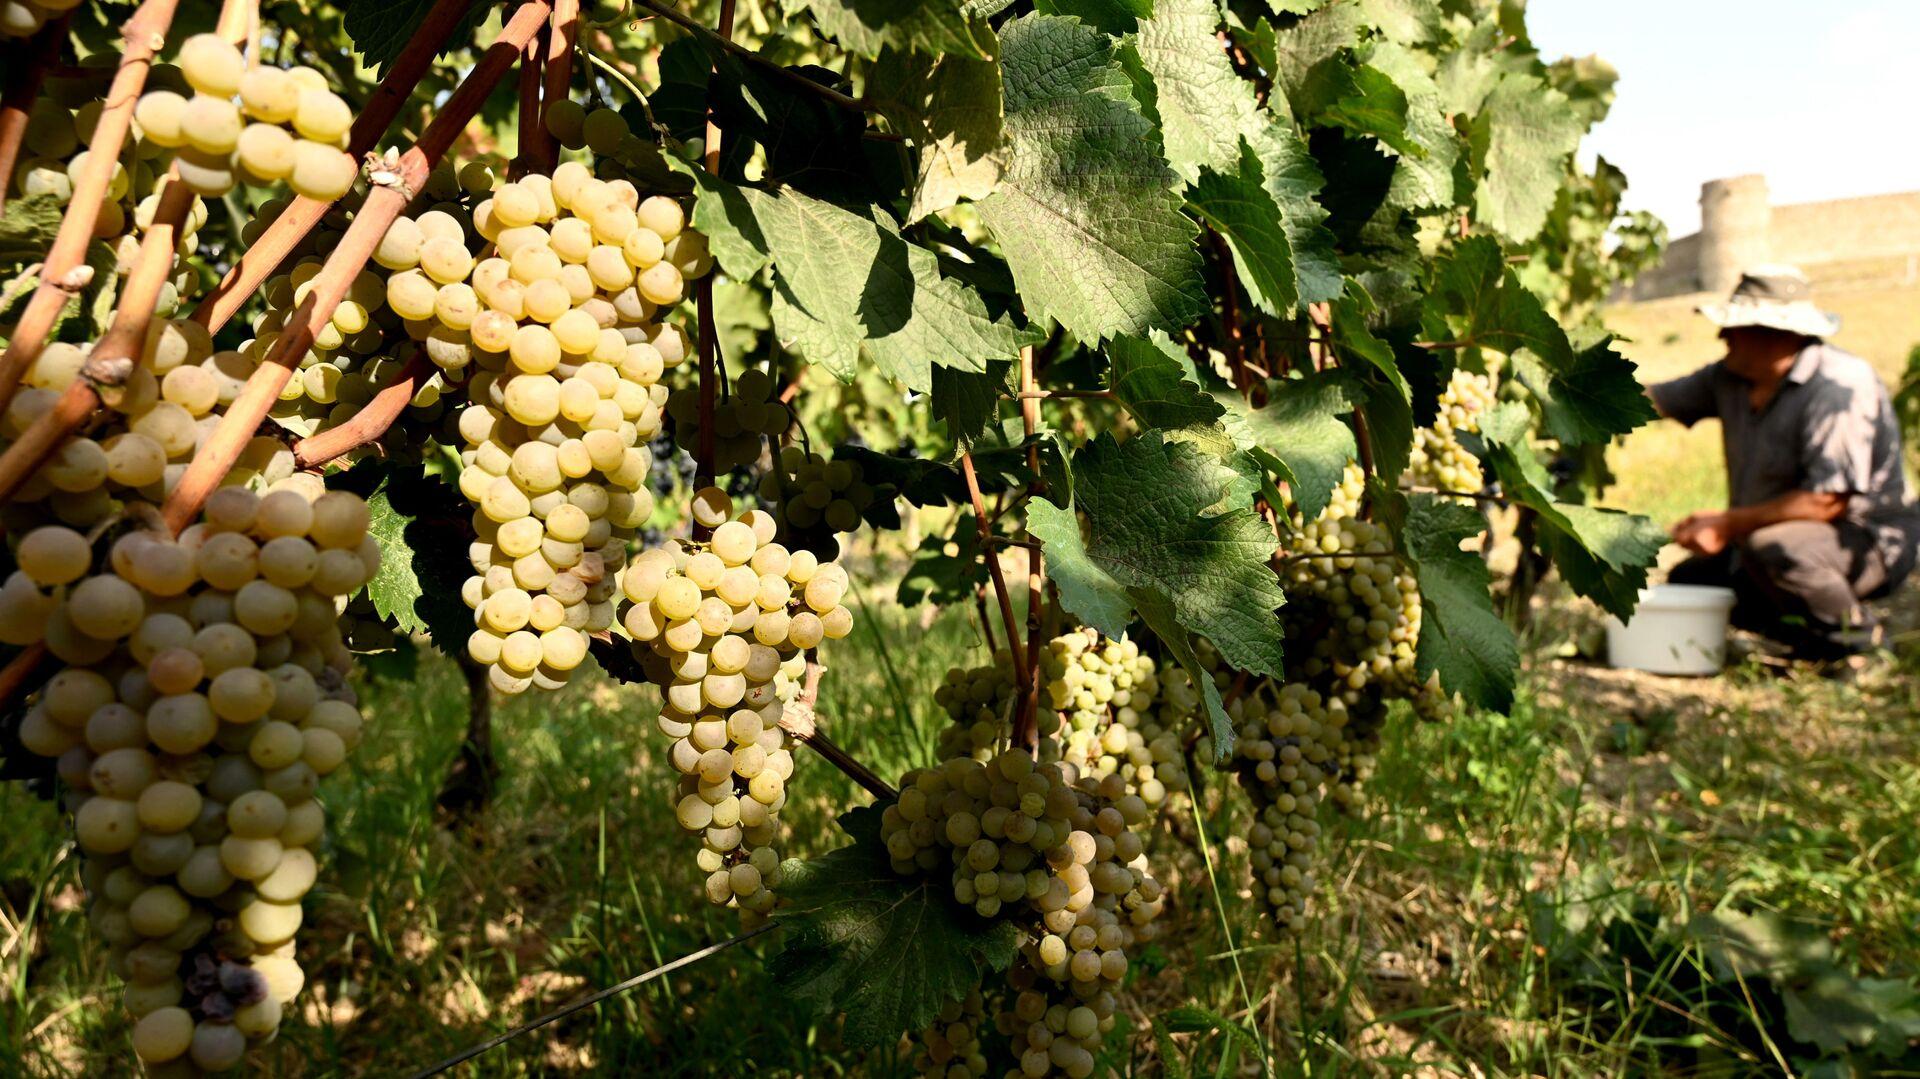 Сбор урожая винограда - ртвели в регионе Кахети  - Sputnik Грузия, 1920, 12.09.2021